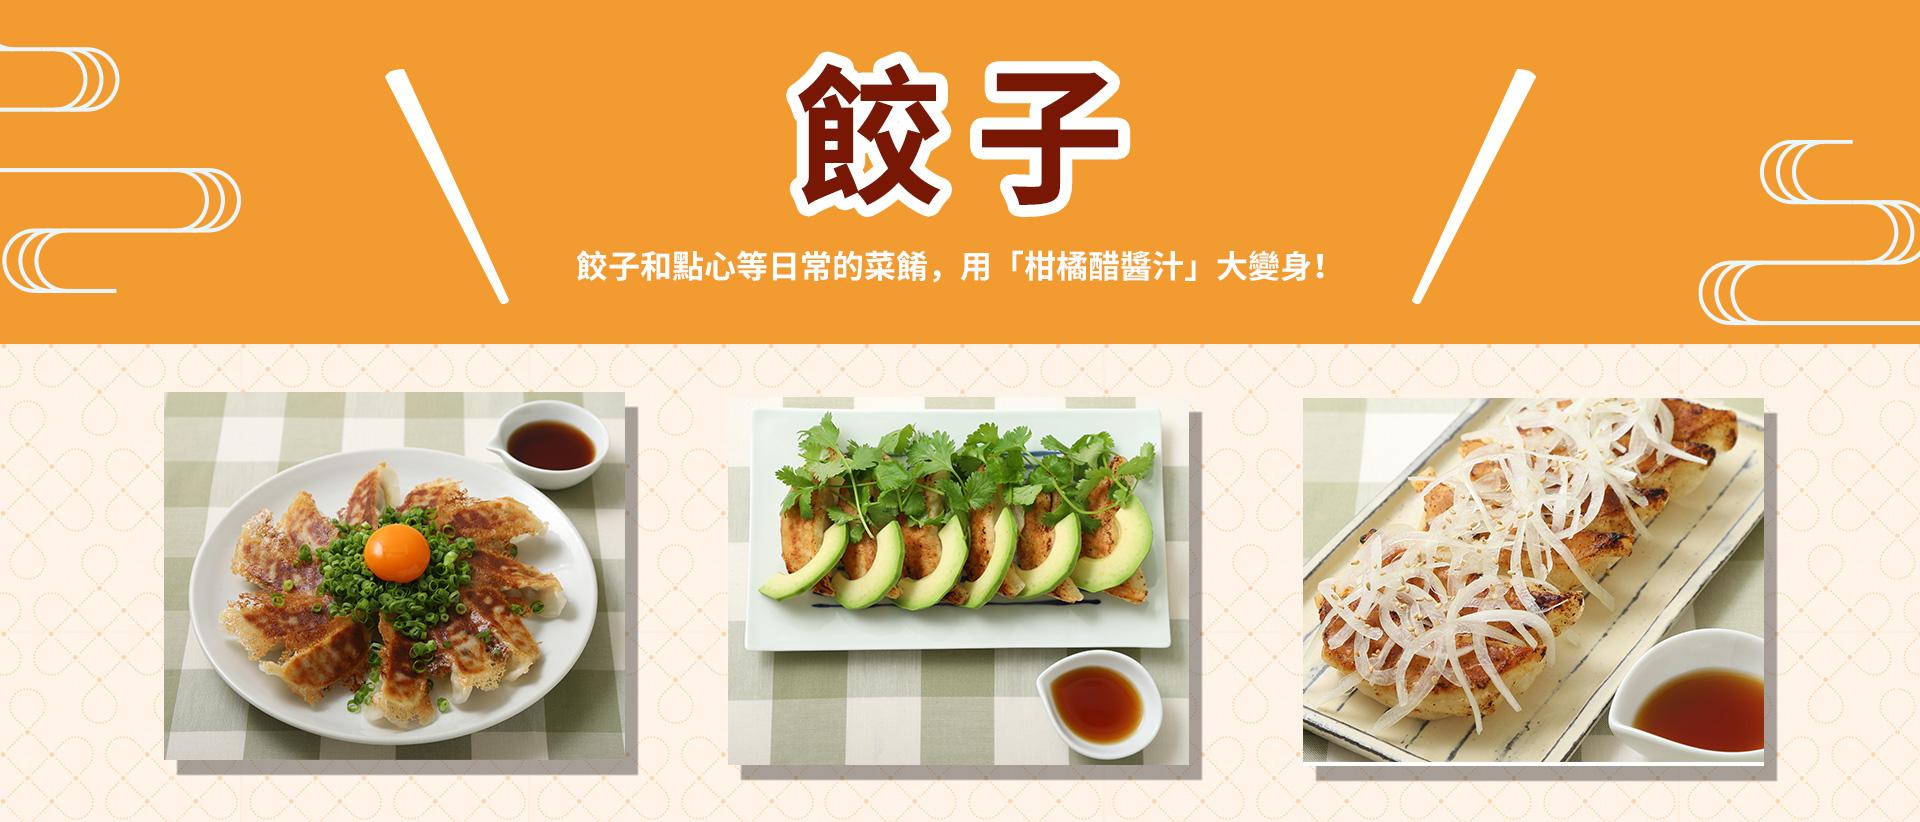 餃子 - 餃子和點心等日常的菜餚,用「柑橘醋醬汁」大變身!